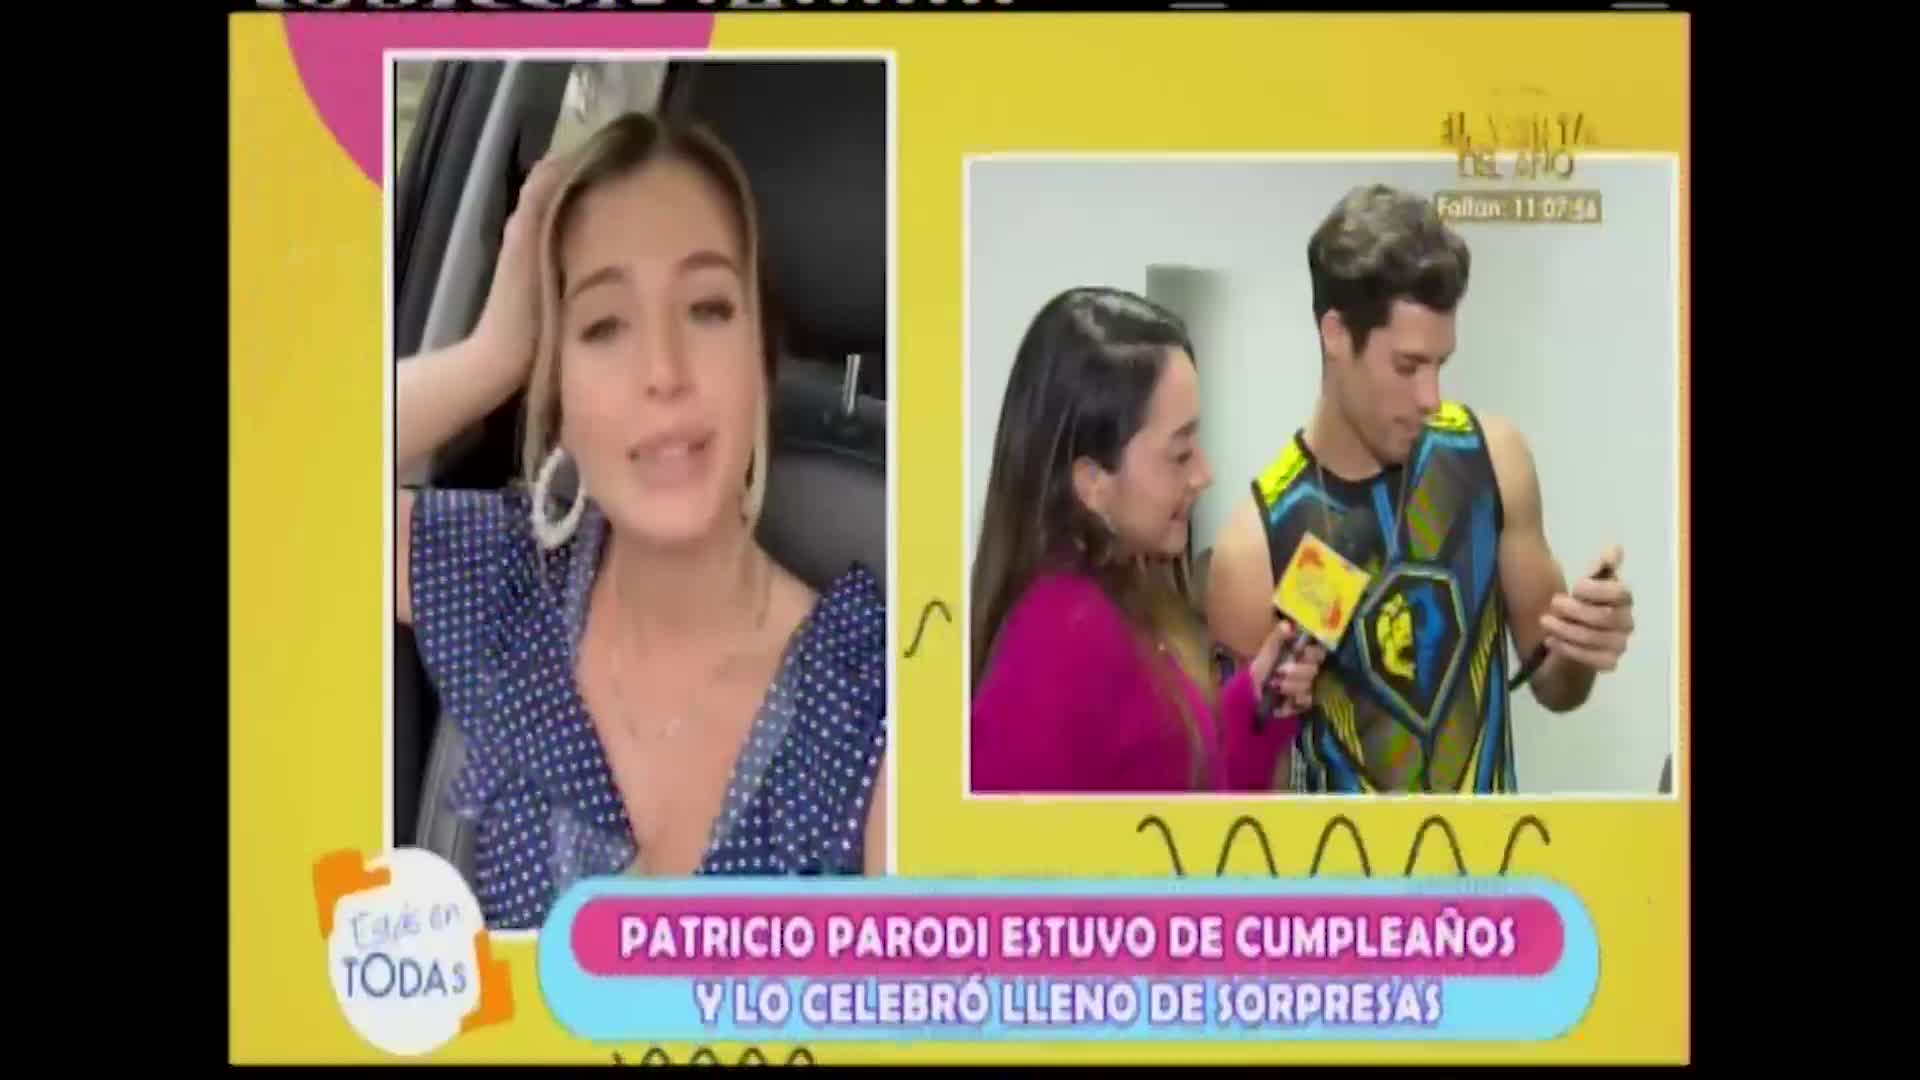 Flavia Laos sorprendió así a Patricio Parodi durante su cumpleaños